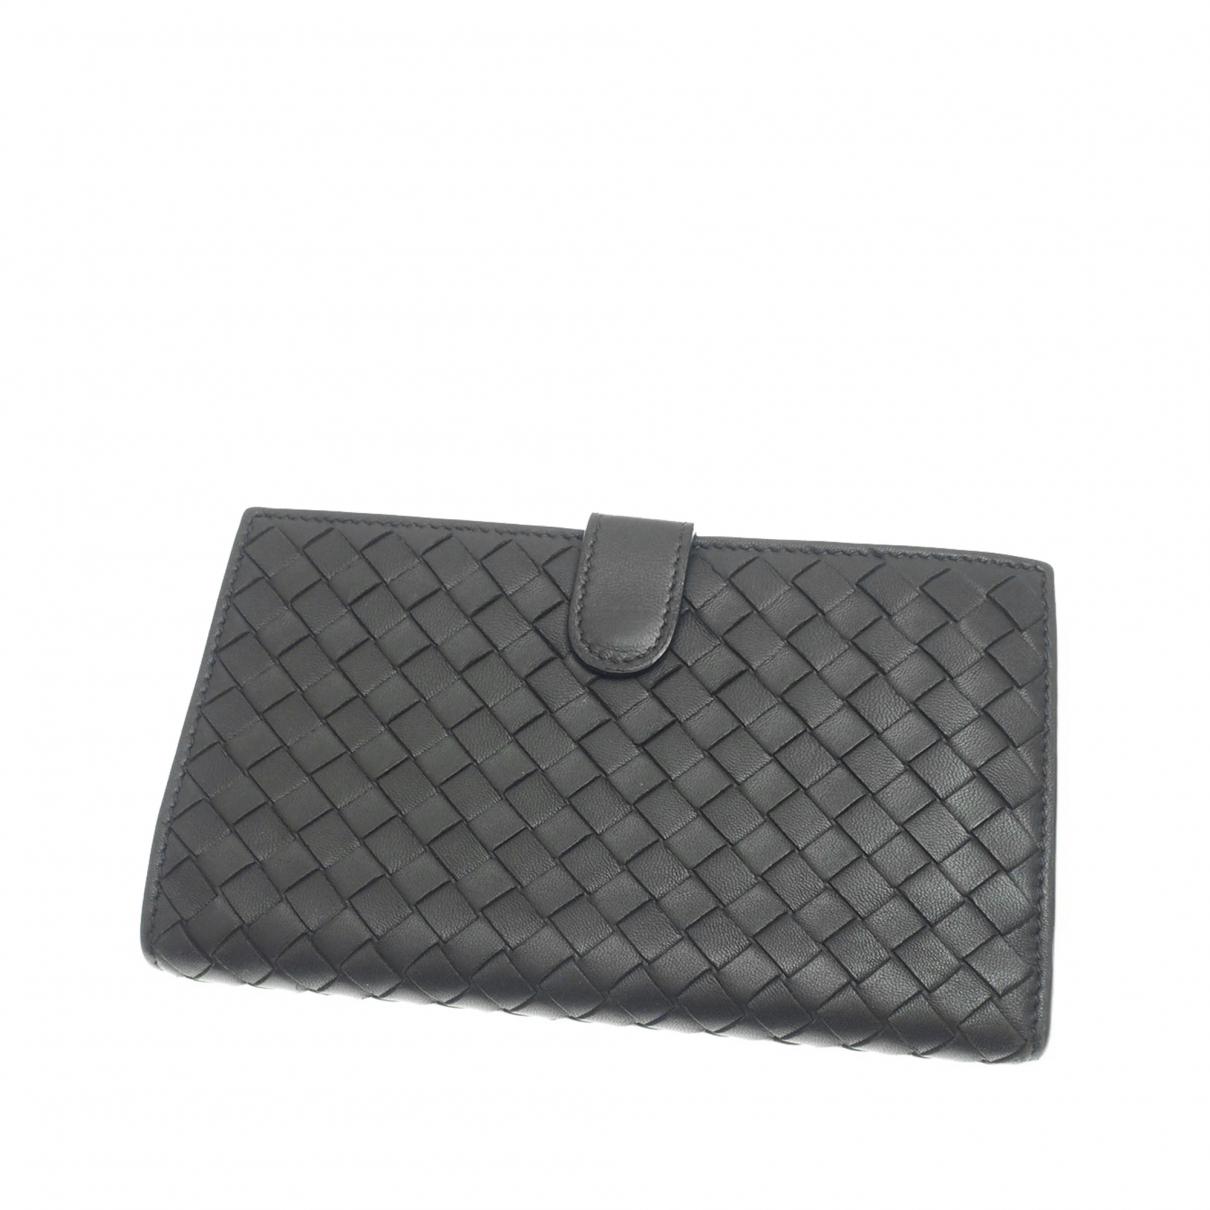 Bottega Veneta \N Black Leather wallet for Women \N